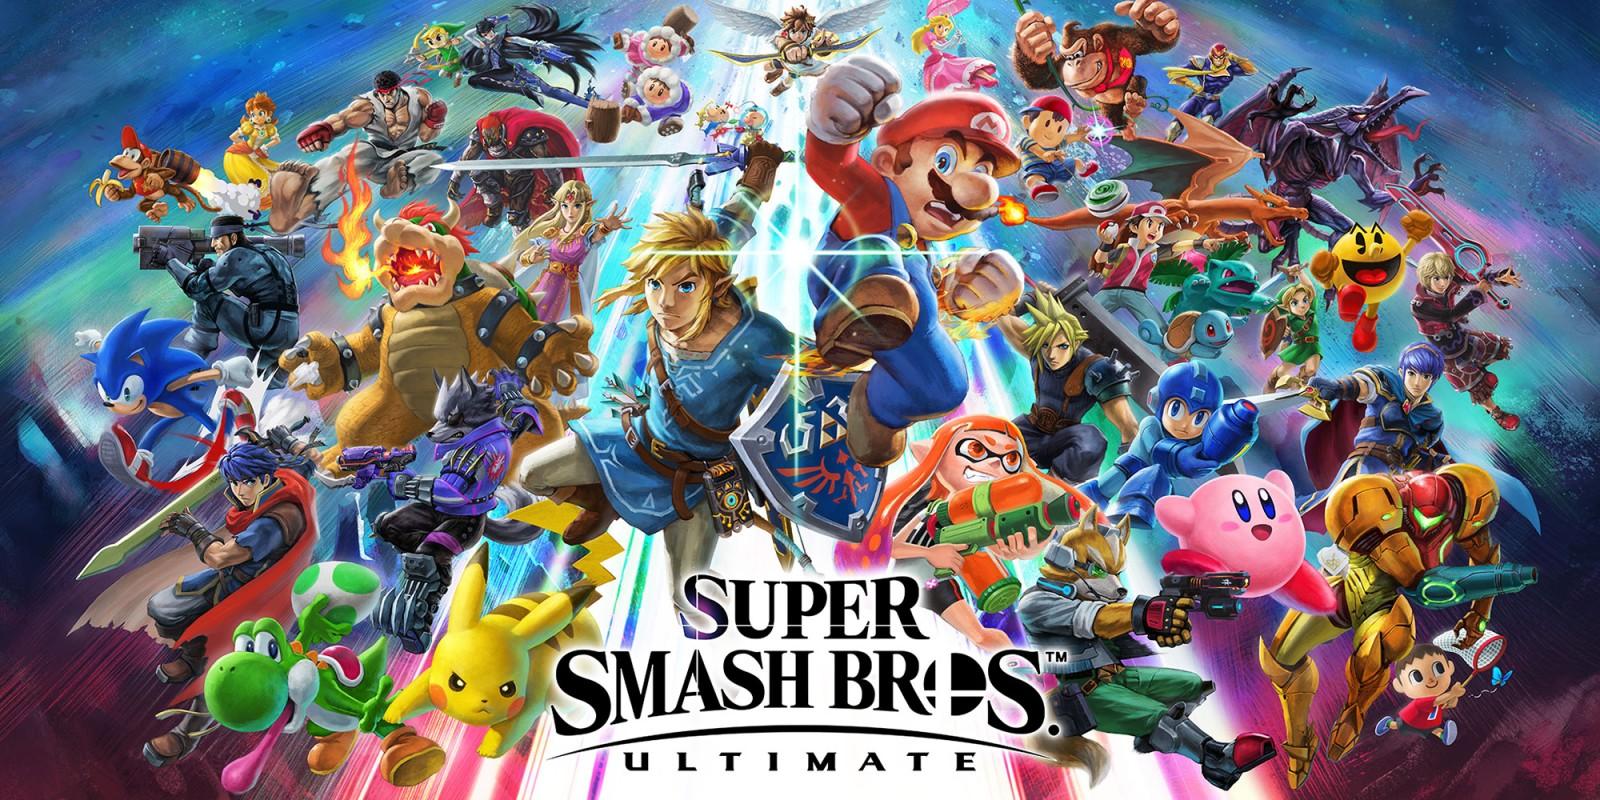 Для Super Smash Bros. Ultimate выйдет обновление 2.0.2